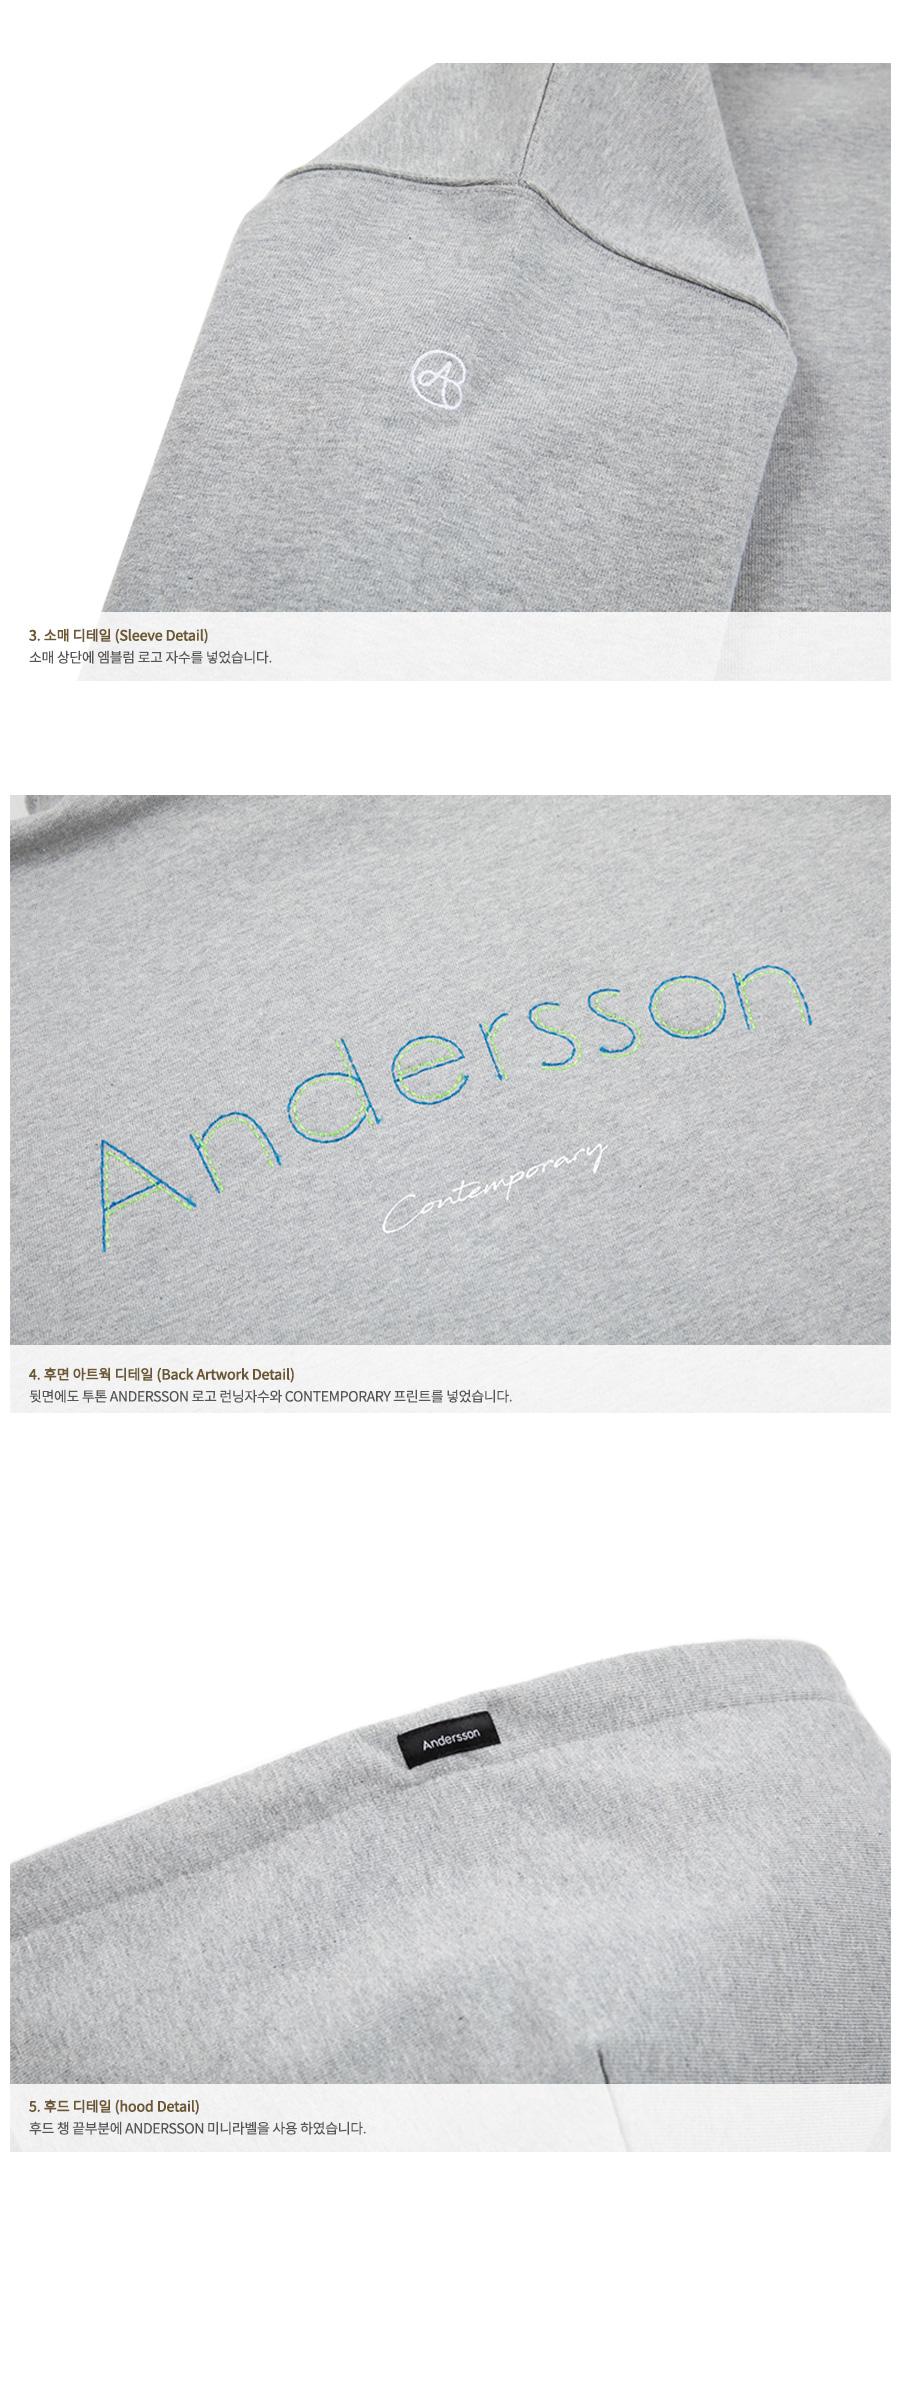 앤더슨벨 UNISEX RUNNING EMBROIDERY ANDERSSON HOODIE atb295u GREY